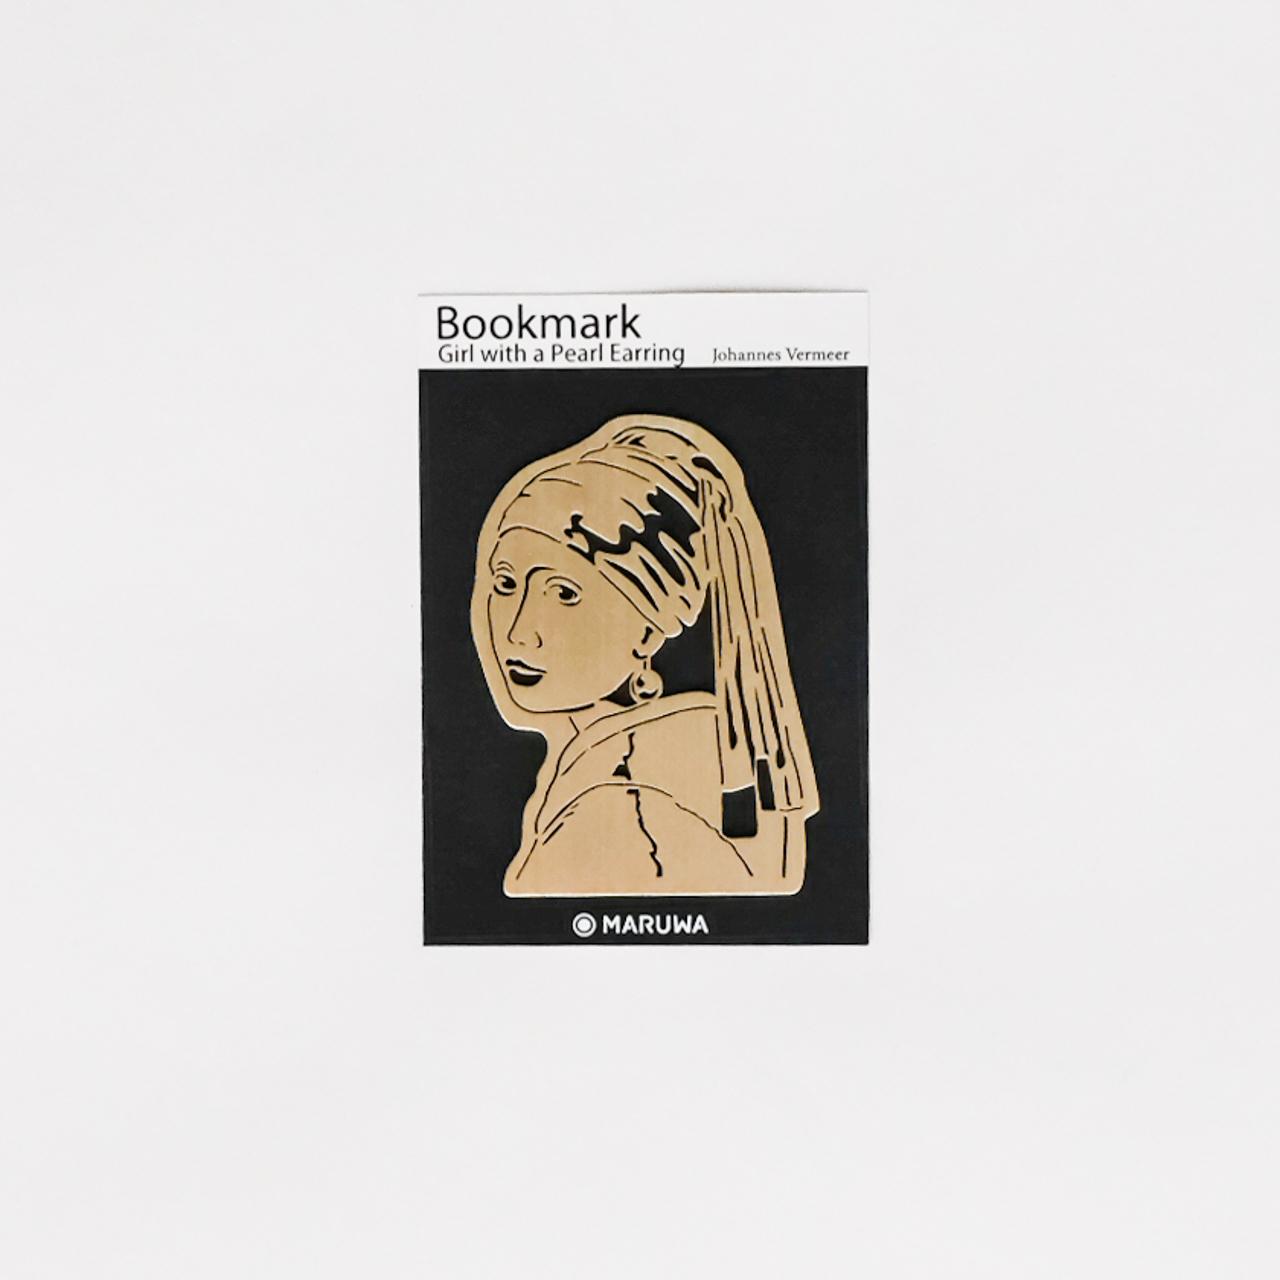 フェルメール ブックマーカー 真珠の耳飾りの少女